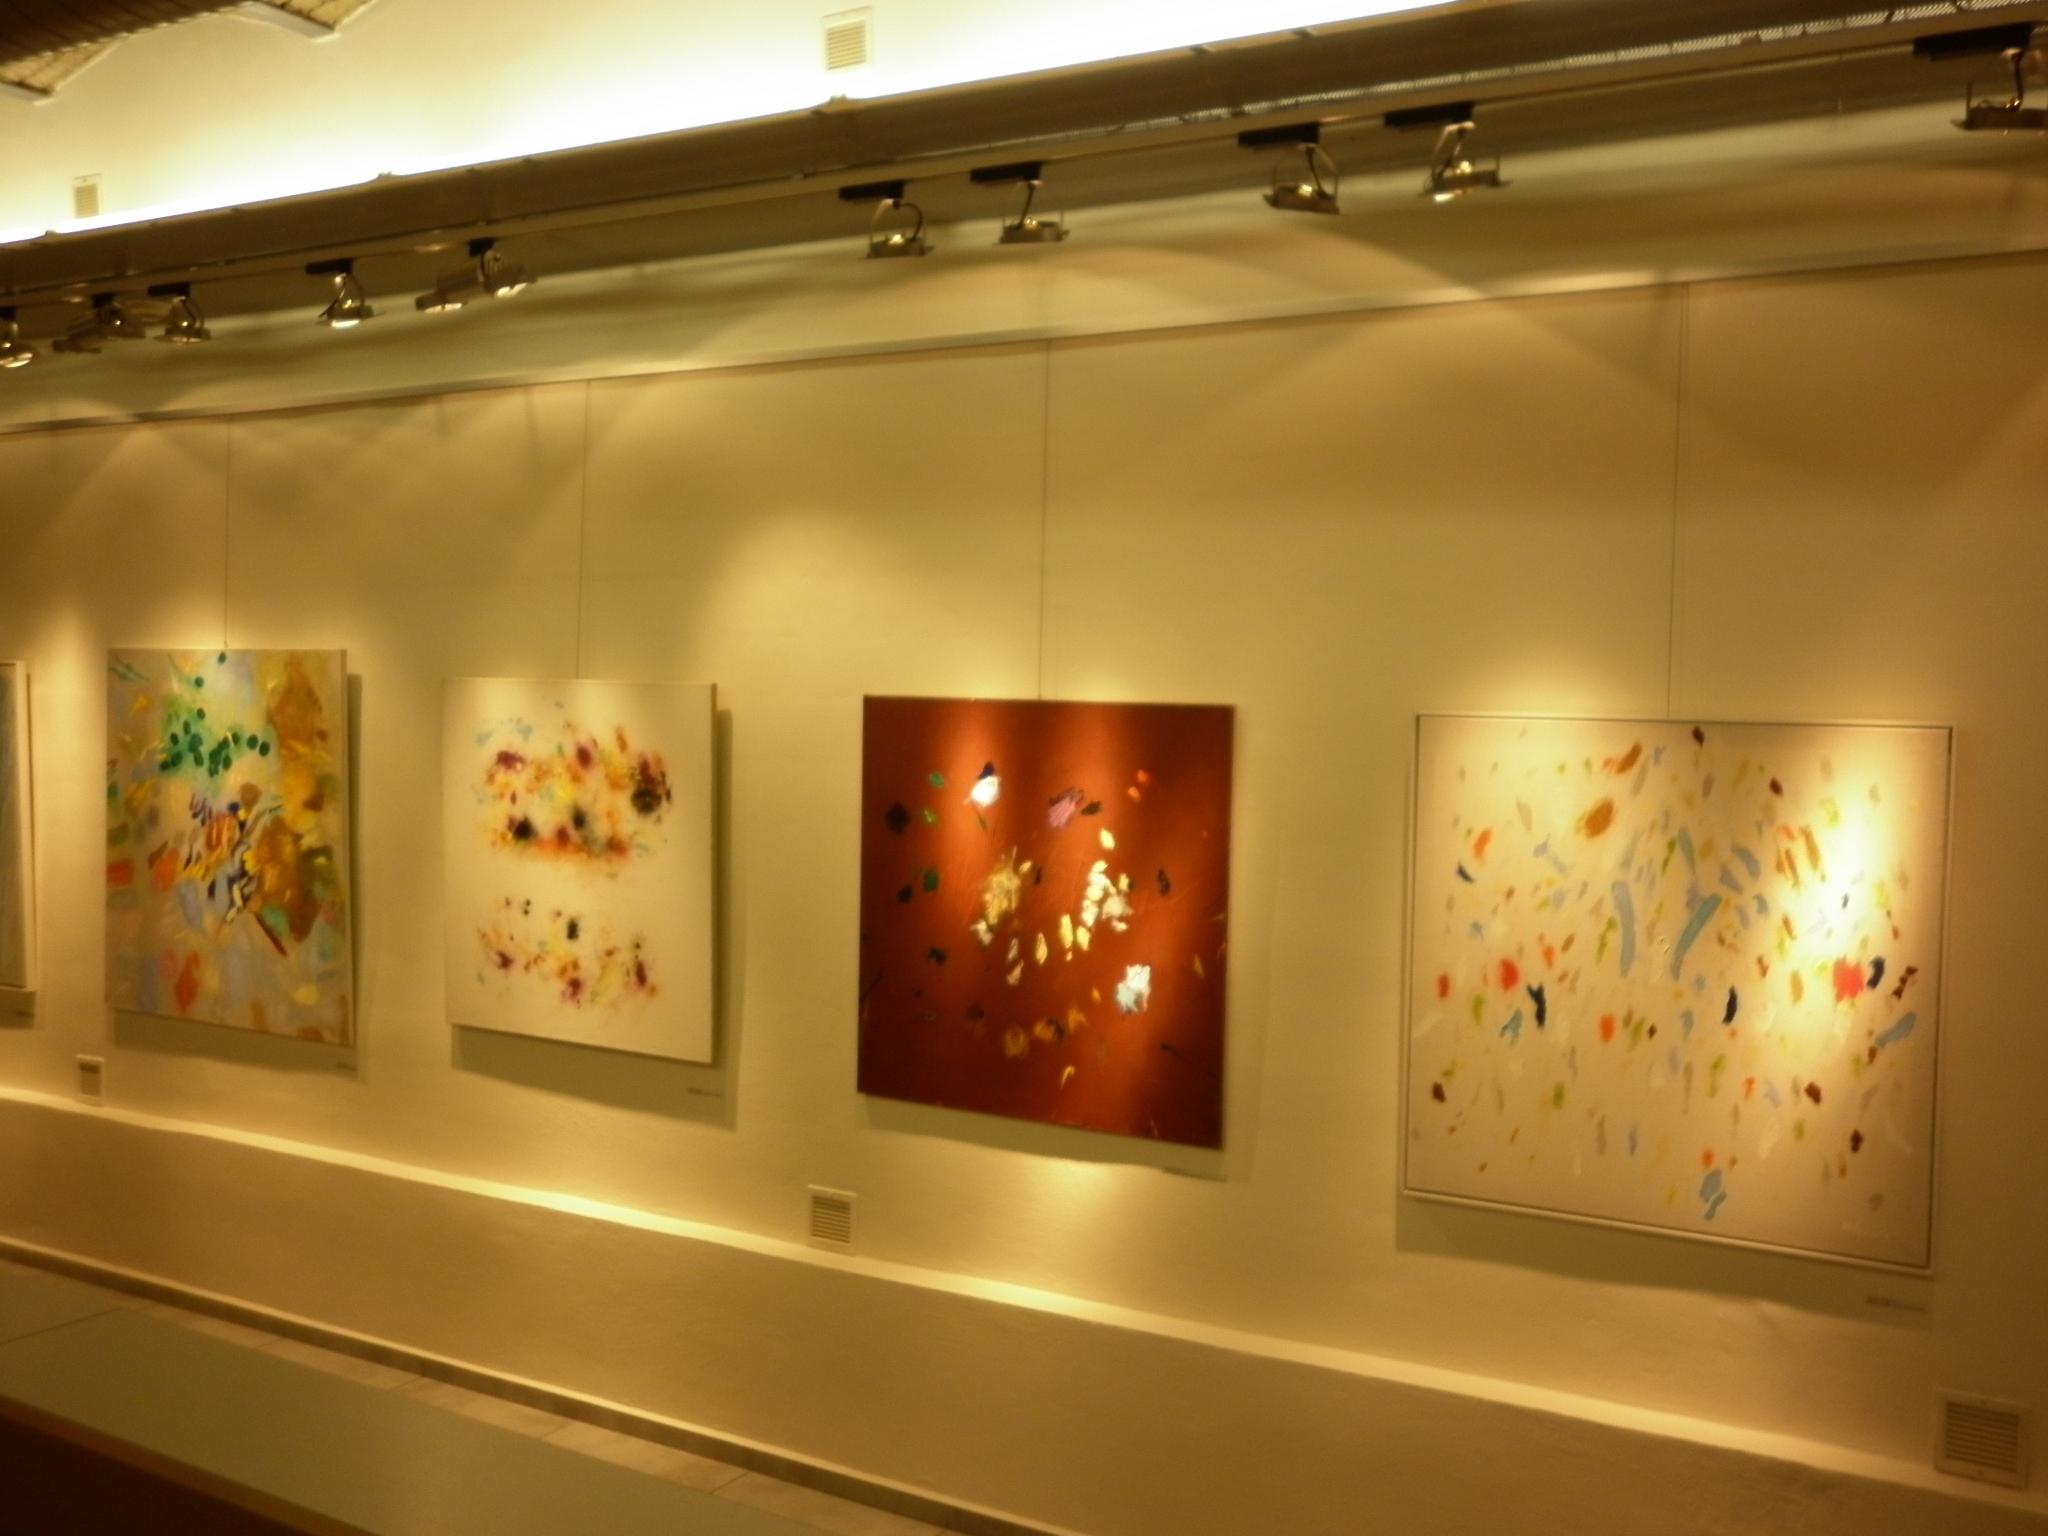 Spřízněnost - pohled do instalace, obrázek se otevře v novém okně